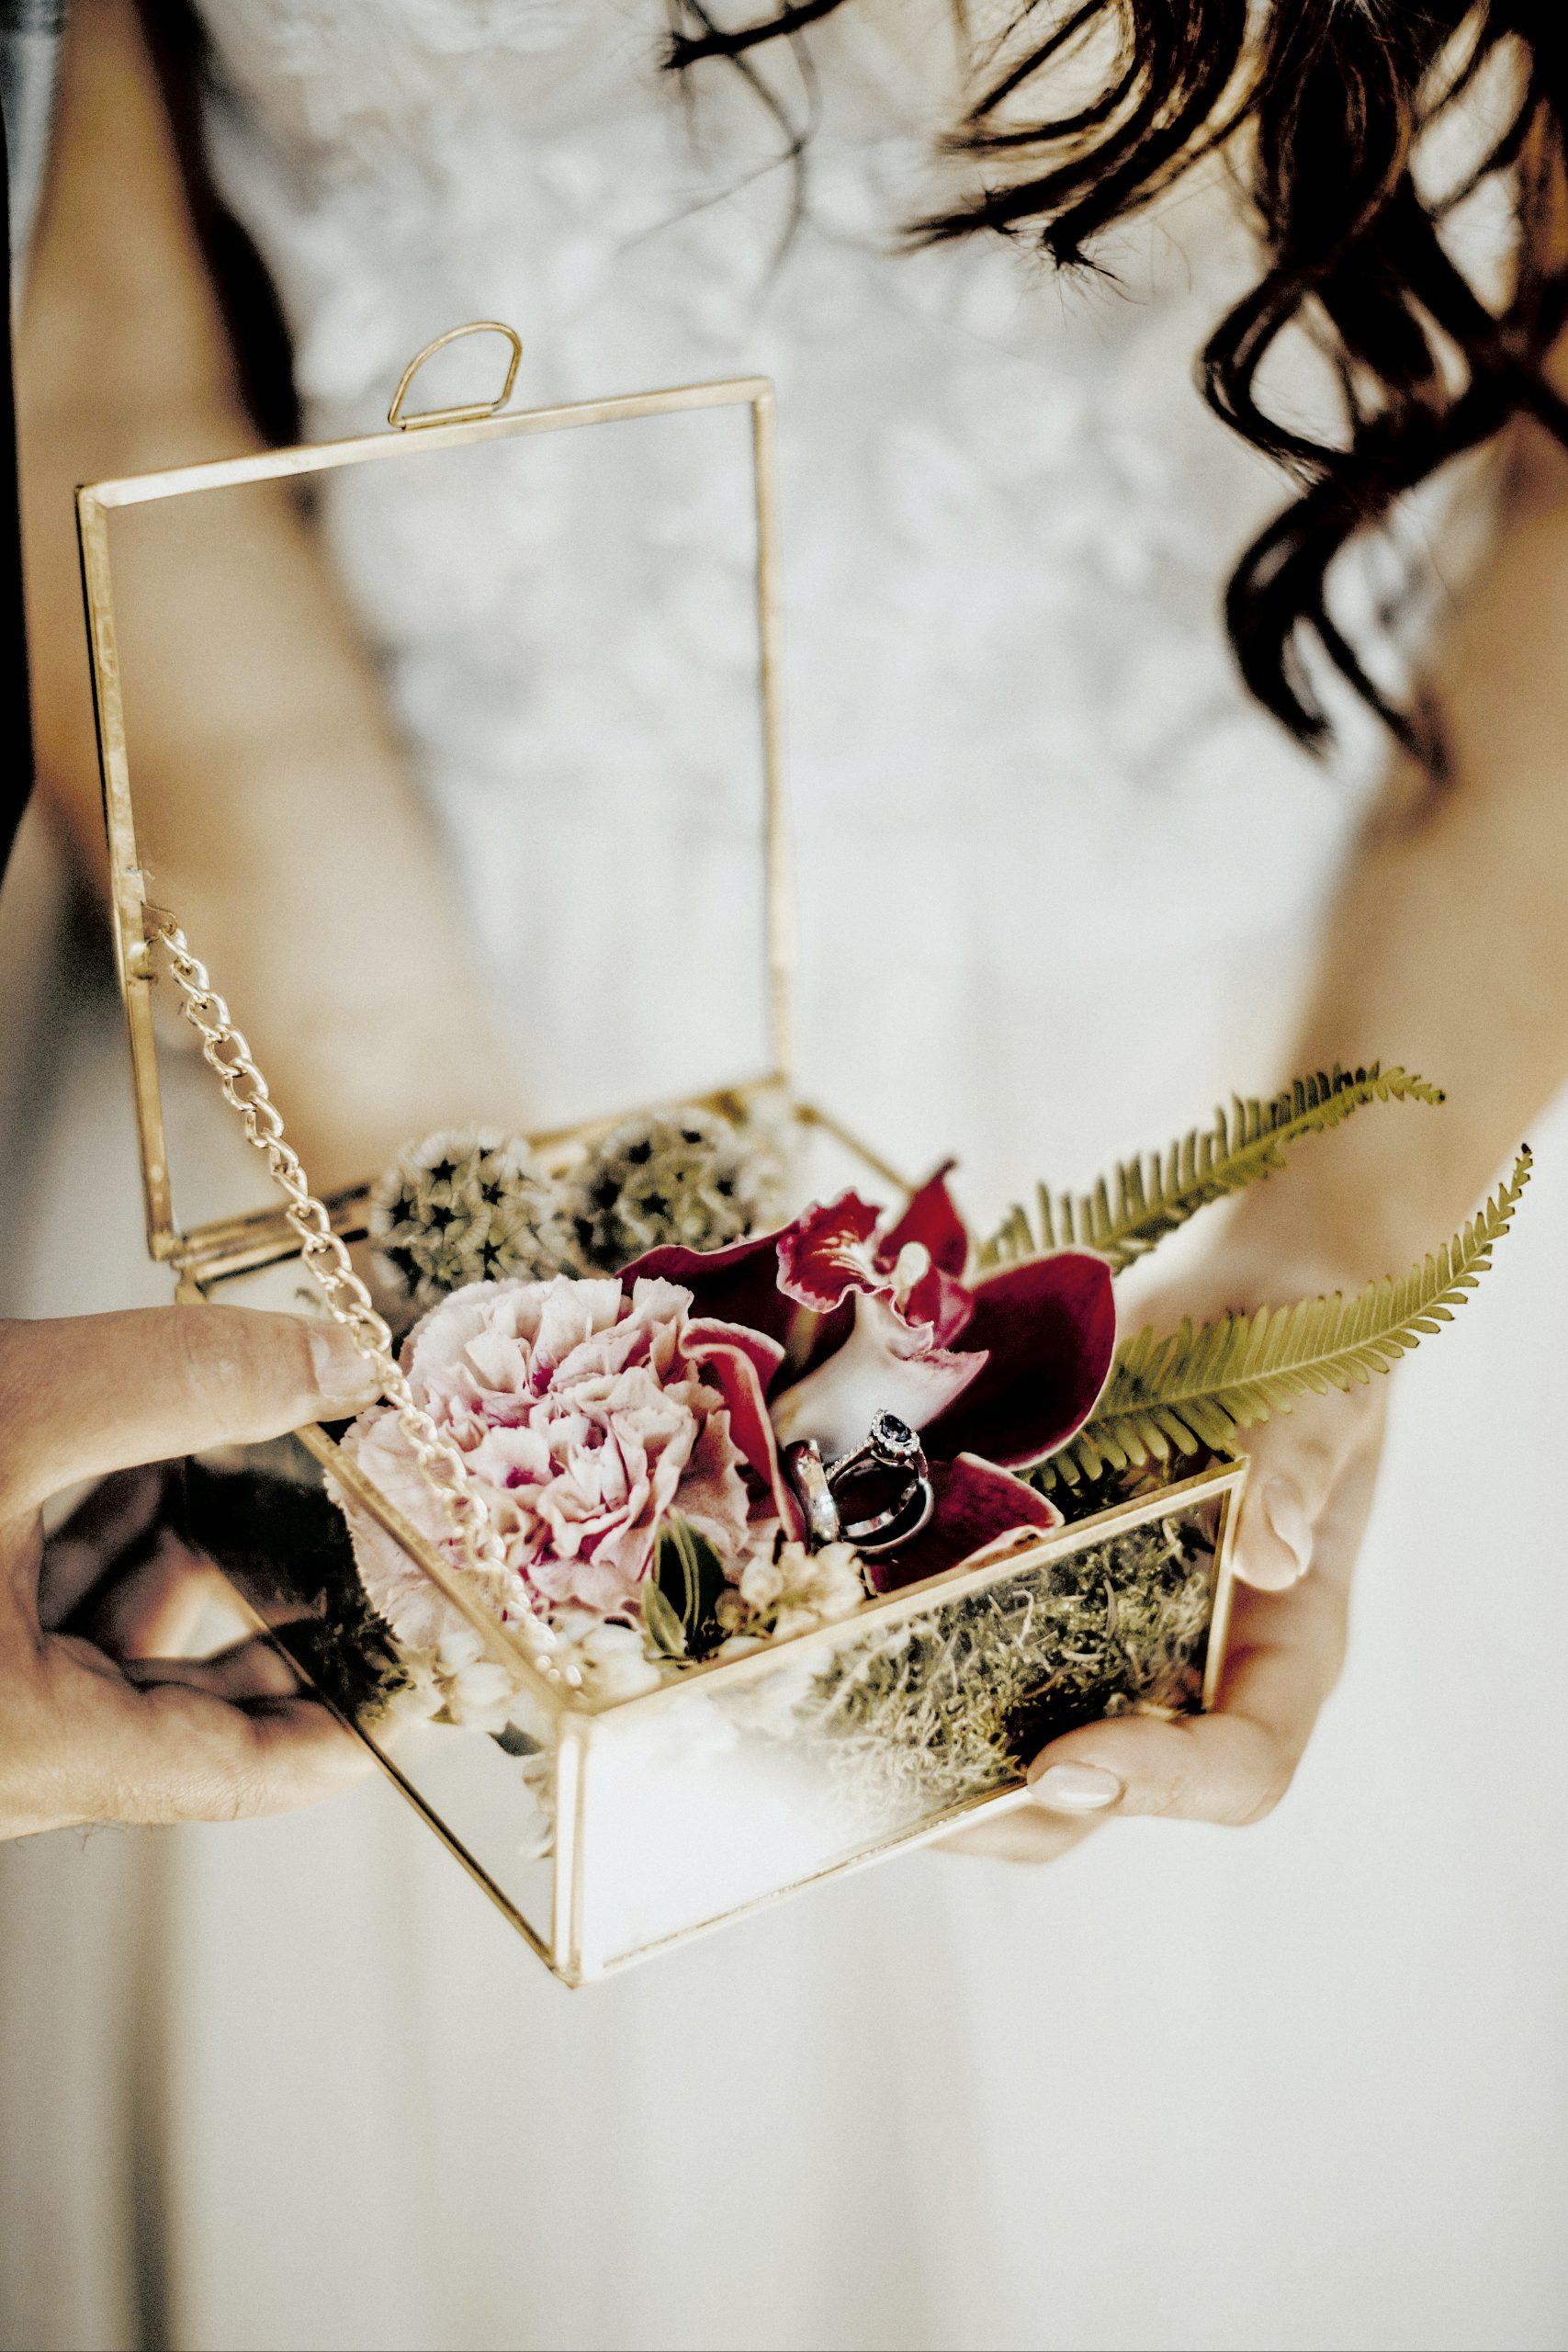 Trauringkästchen mit exotischen Blumen